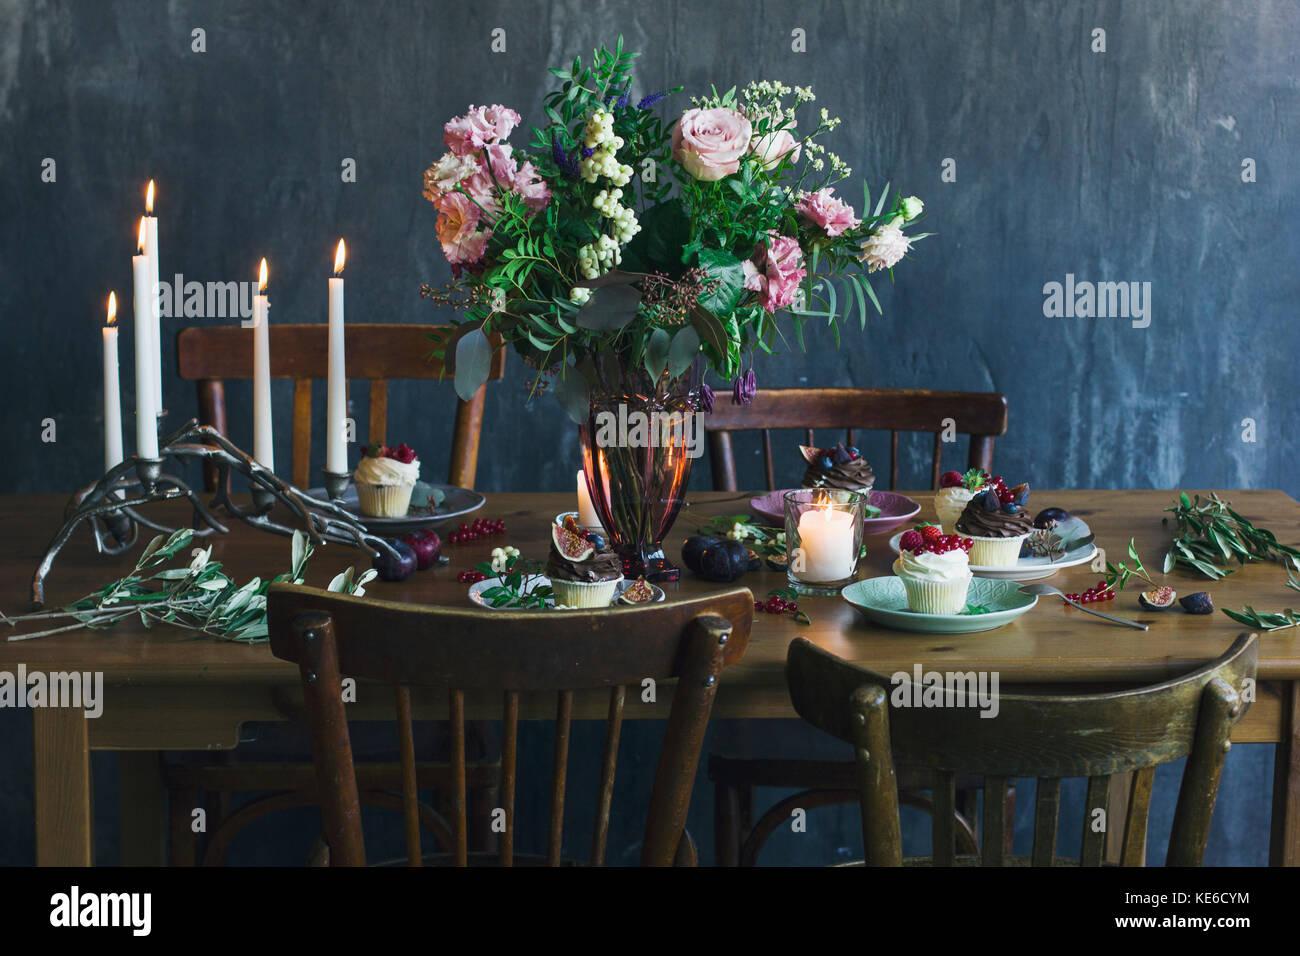 Die Festliche Tischdekoration Mit Blumen Blumenstrauss Kerzen Und